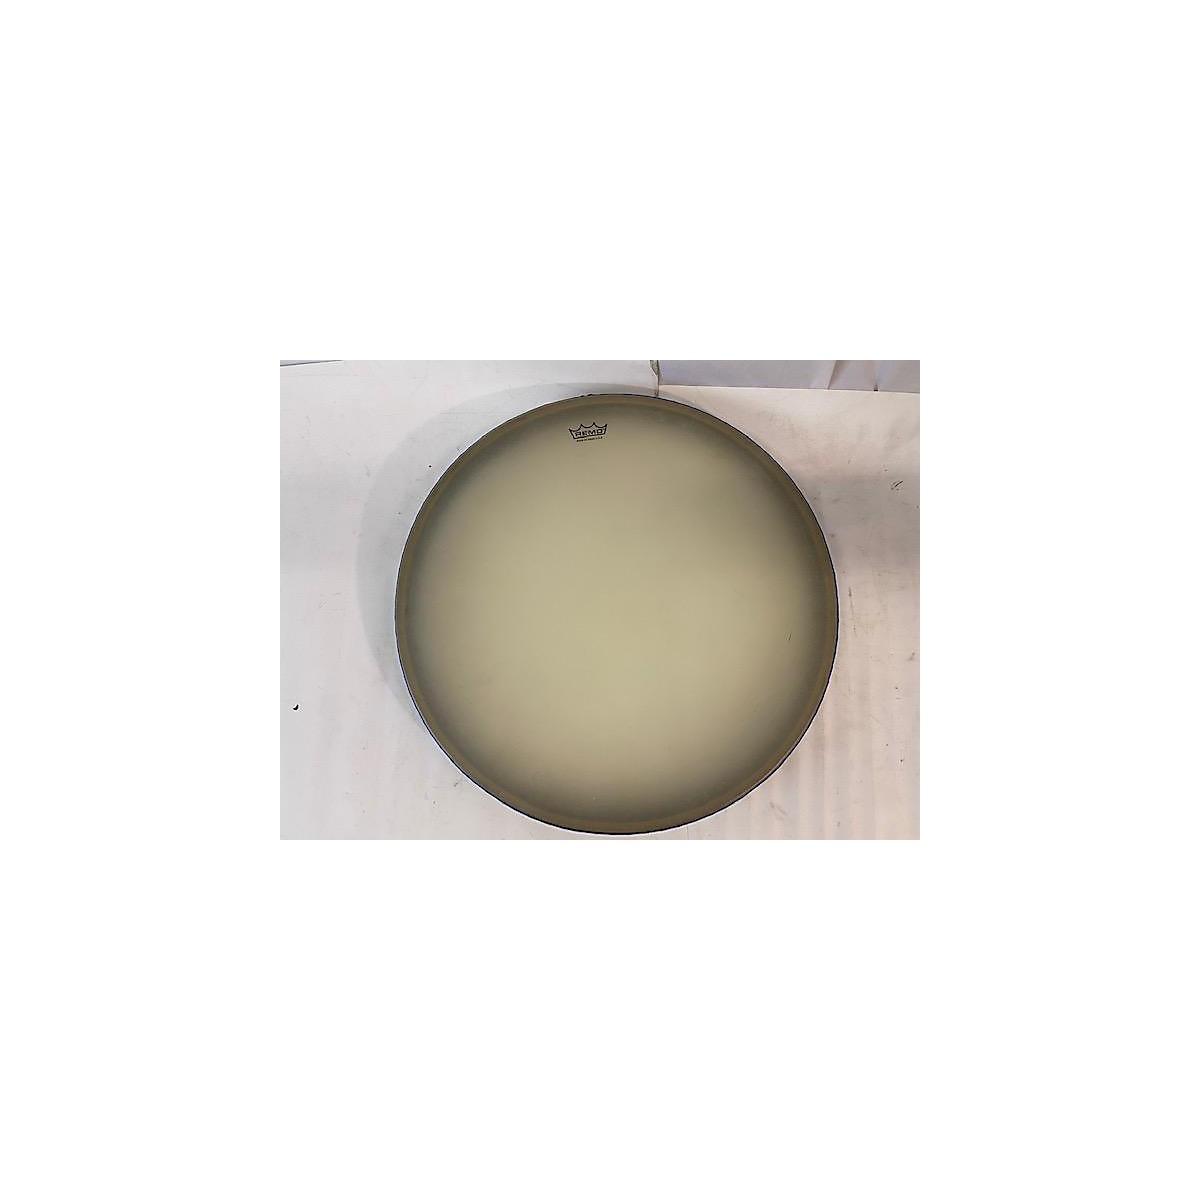 Remo THINLINE FRAME DRUM Hand Drum